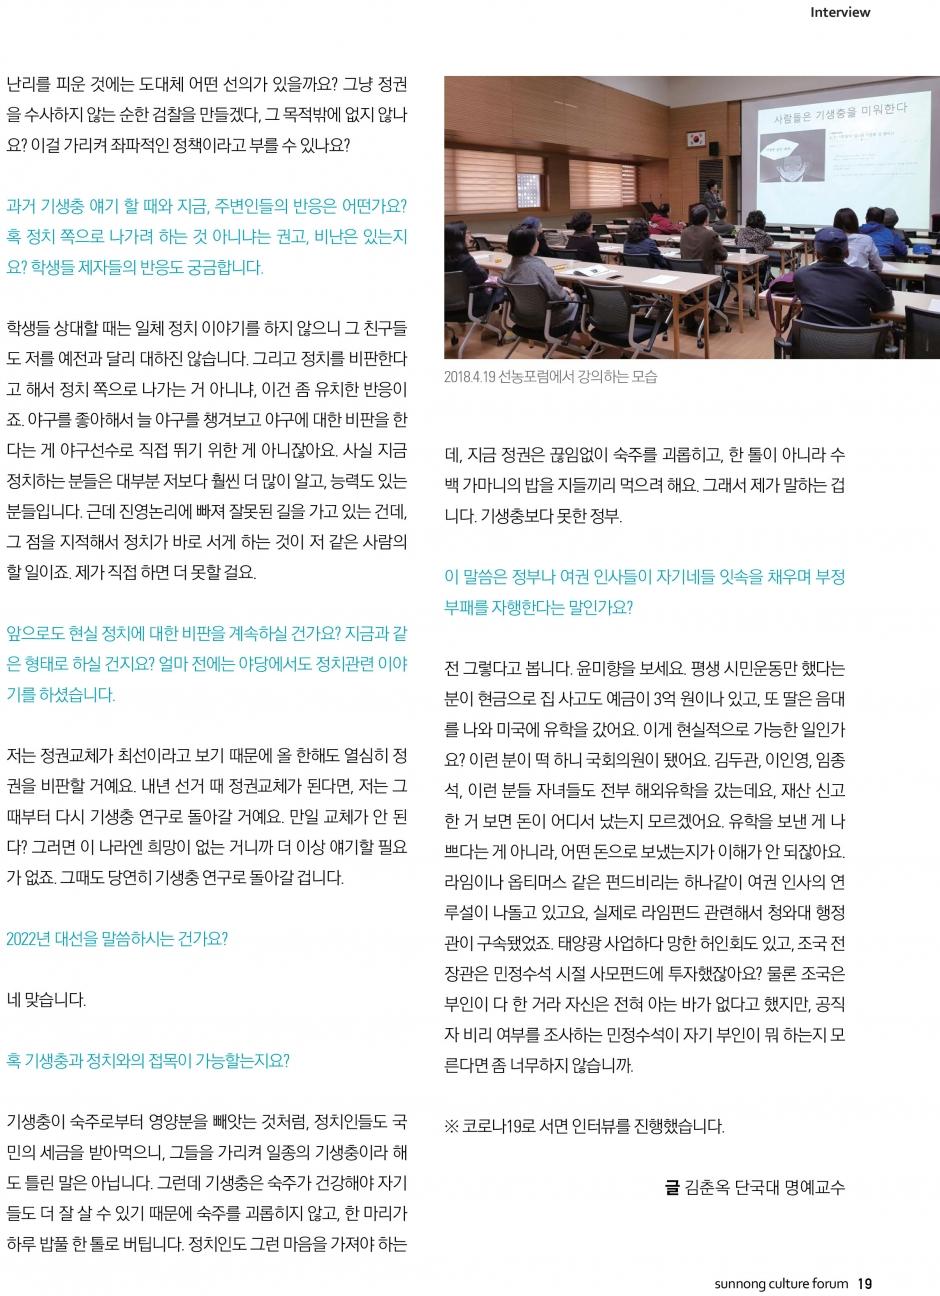 선농문화포럼_낱장-19.jpg